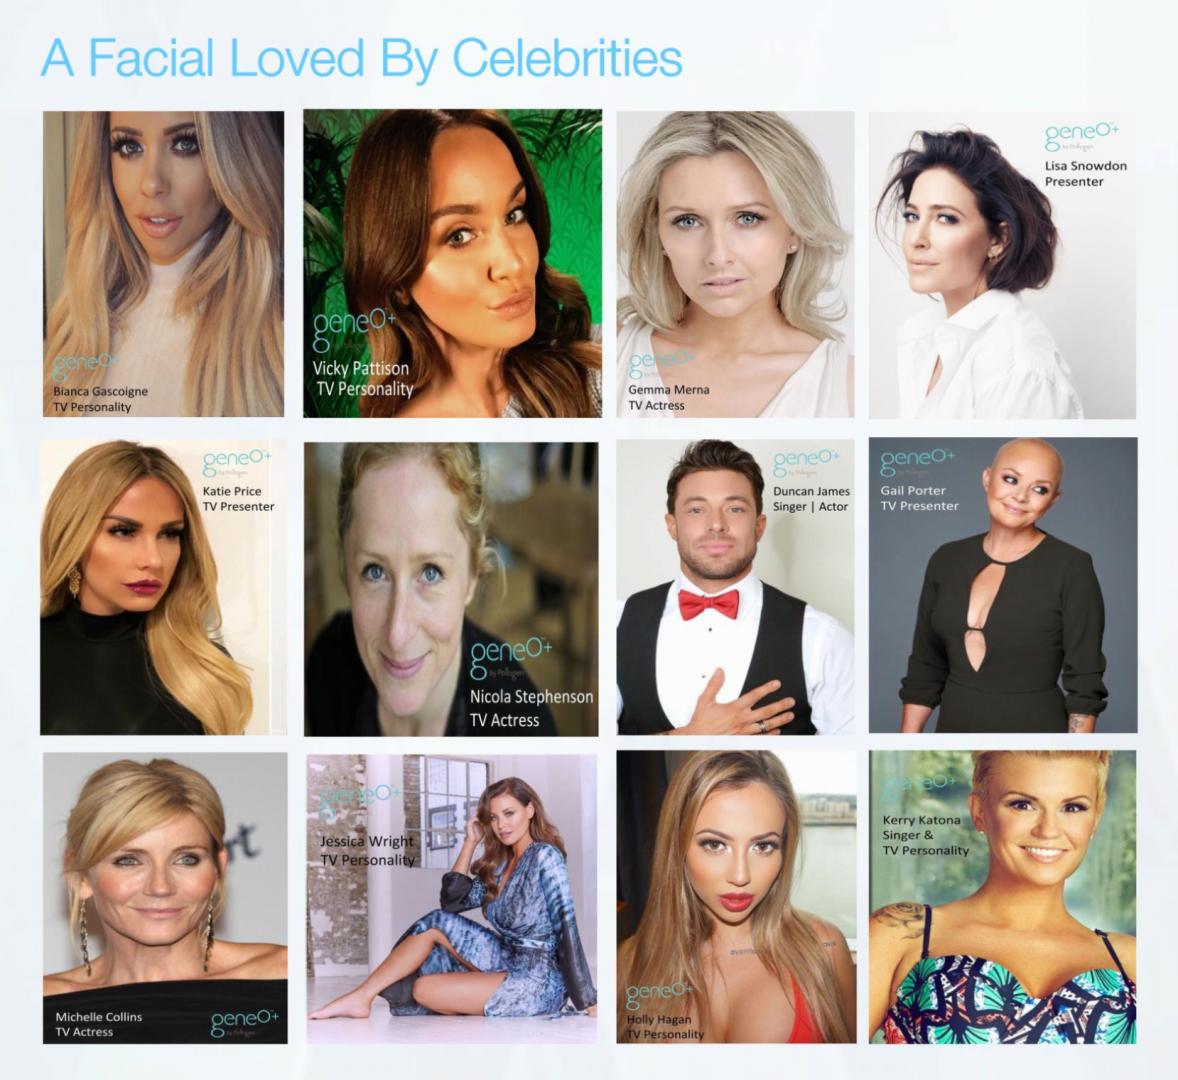 Geneo Facial celebrity clients